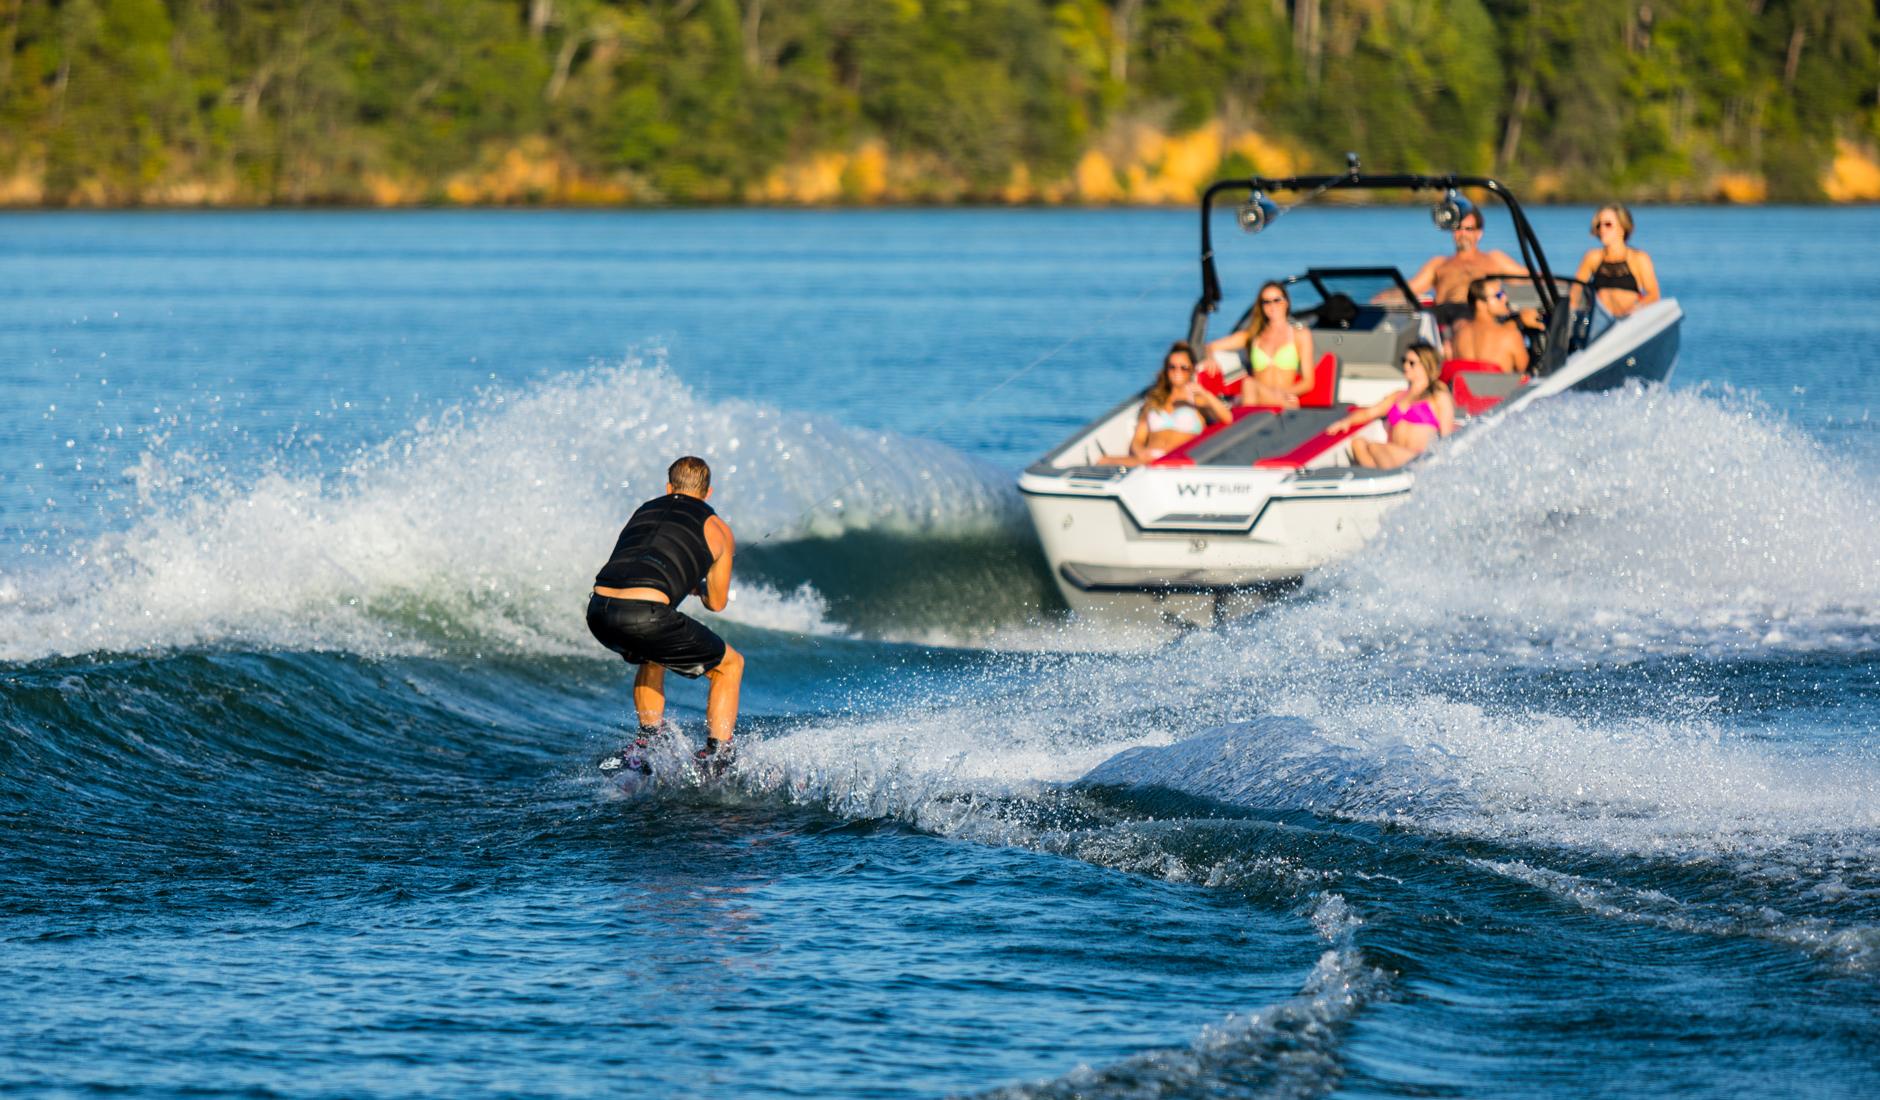 Heyday WT-Surf Фото № 4